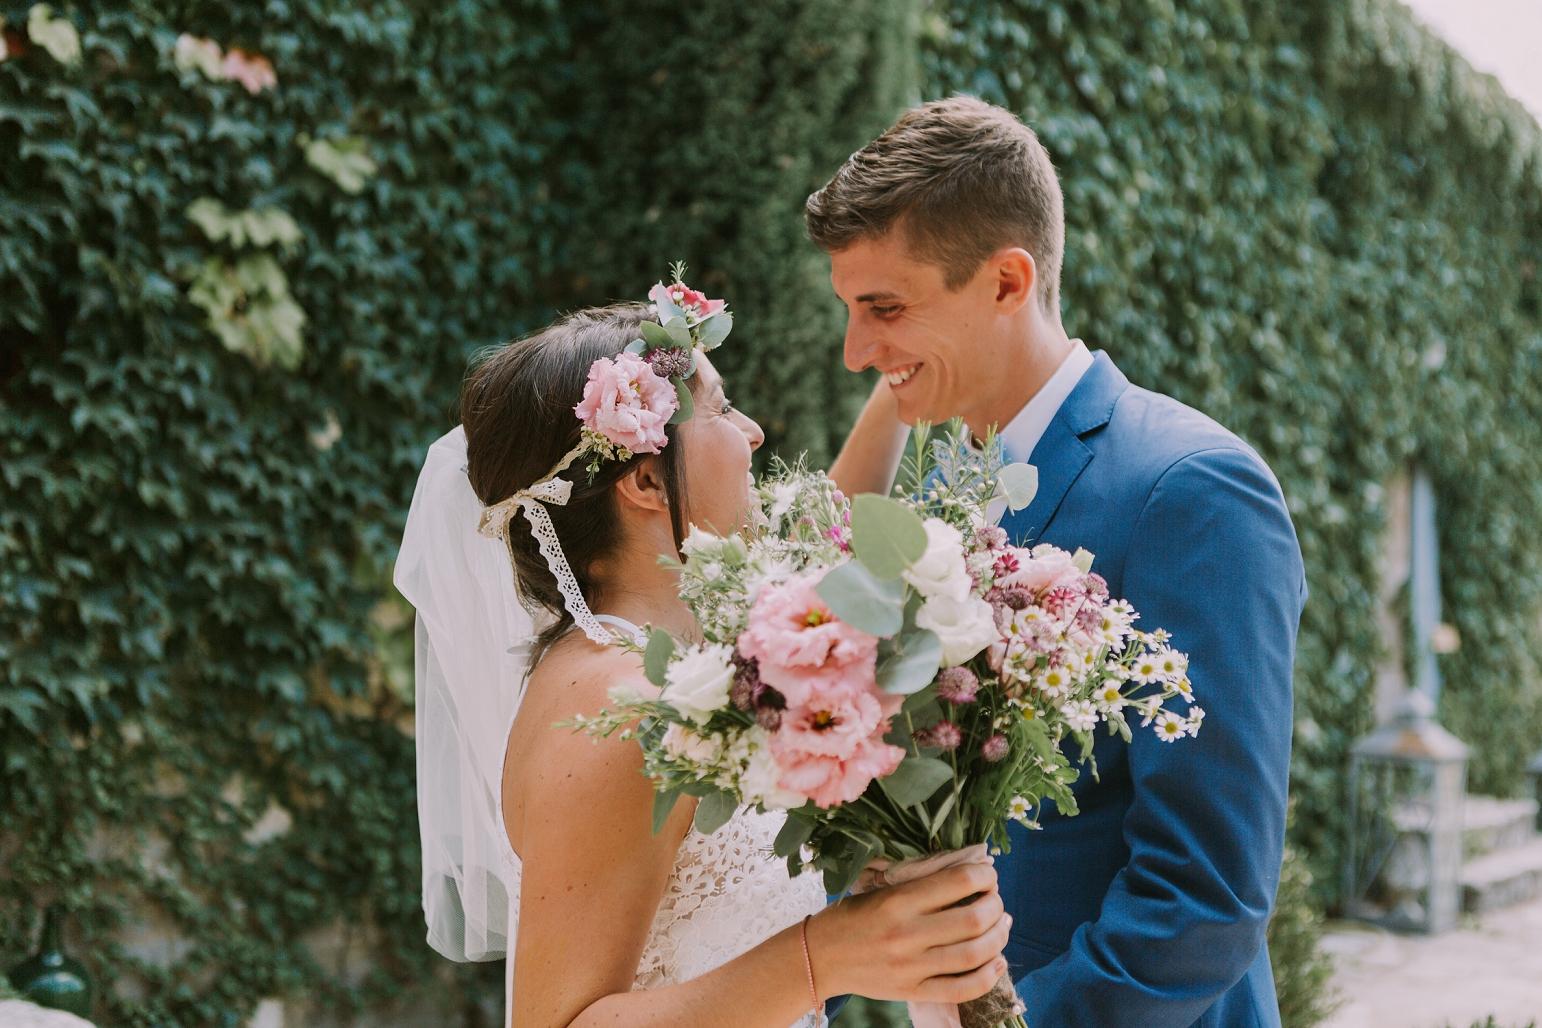 kateryna-photos-mariage-wedding-france-ardeche-domaine-clos-hullias-Saint-Christol-de-Rodière-gard-cevennes_0145.jpg